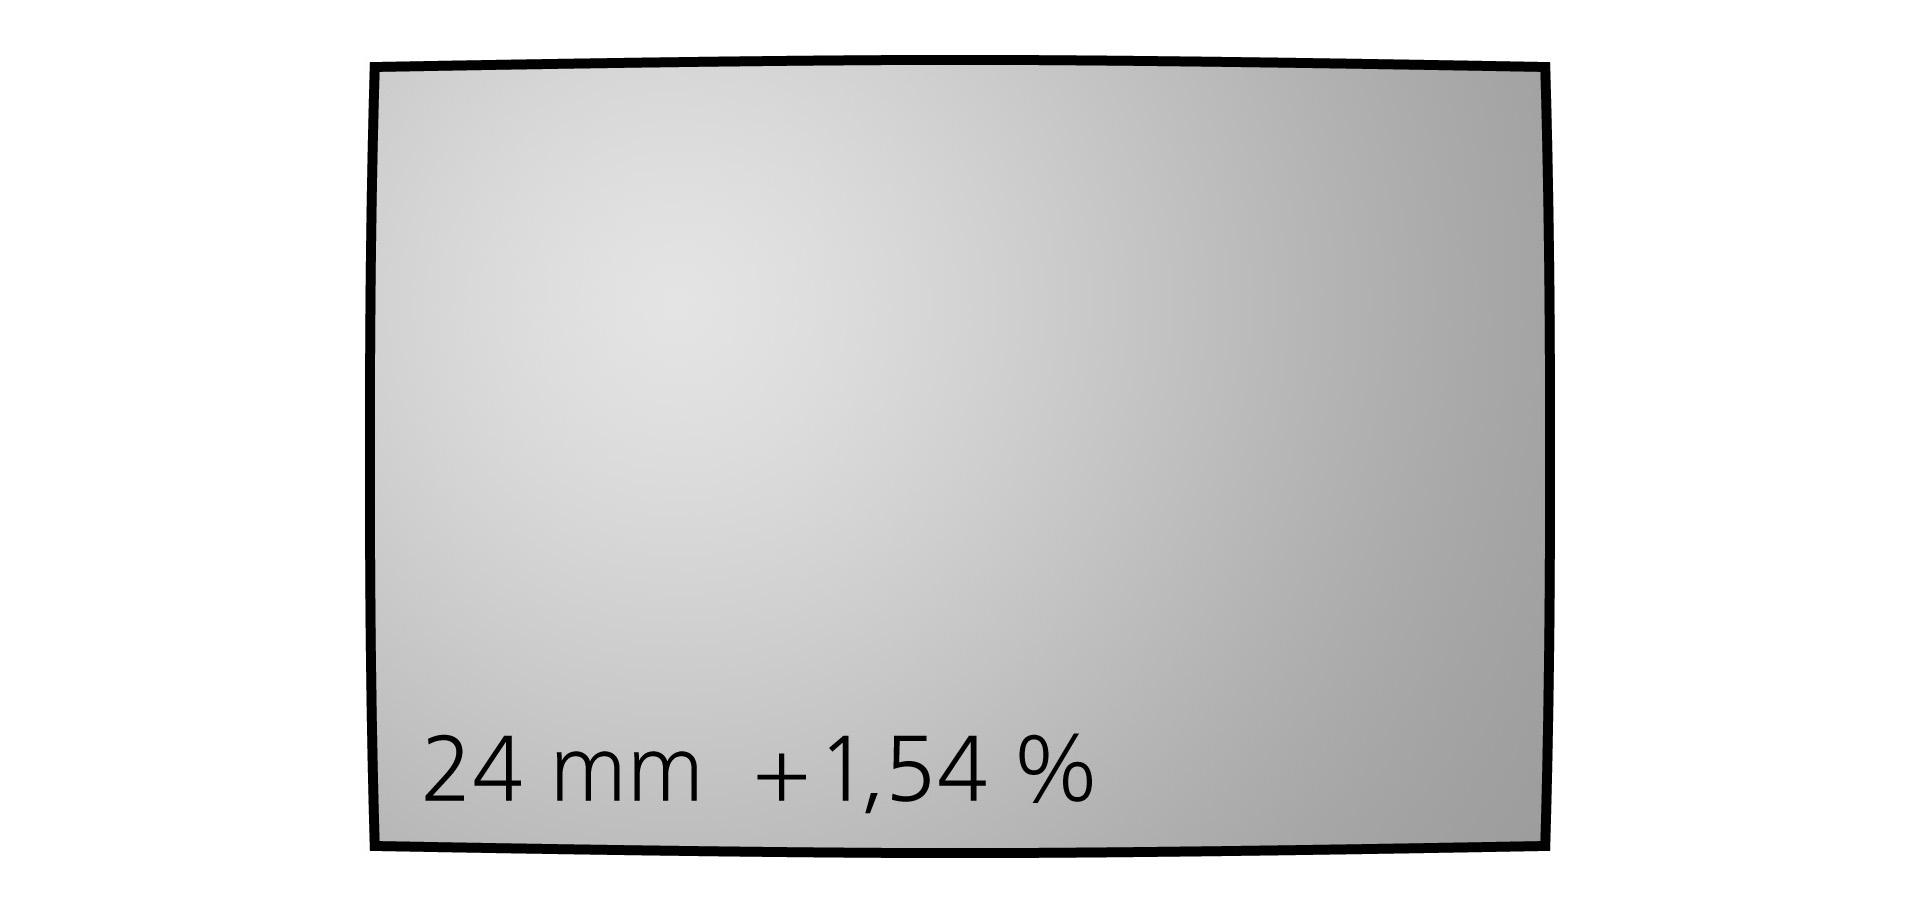 Geometrické zkreslení objektivu Nikkor Z 24 mm f/1,8 S